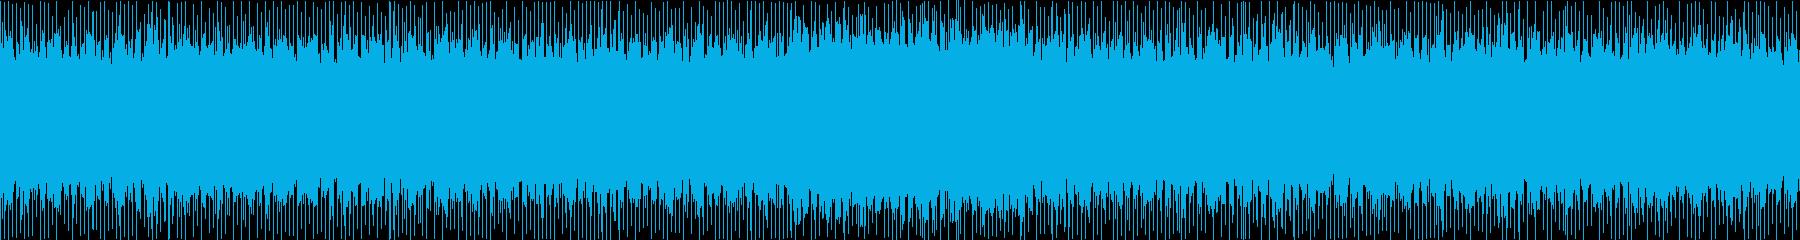 一定のリズムで乗りやすいEDM Loopの再生済みの波形